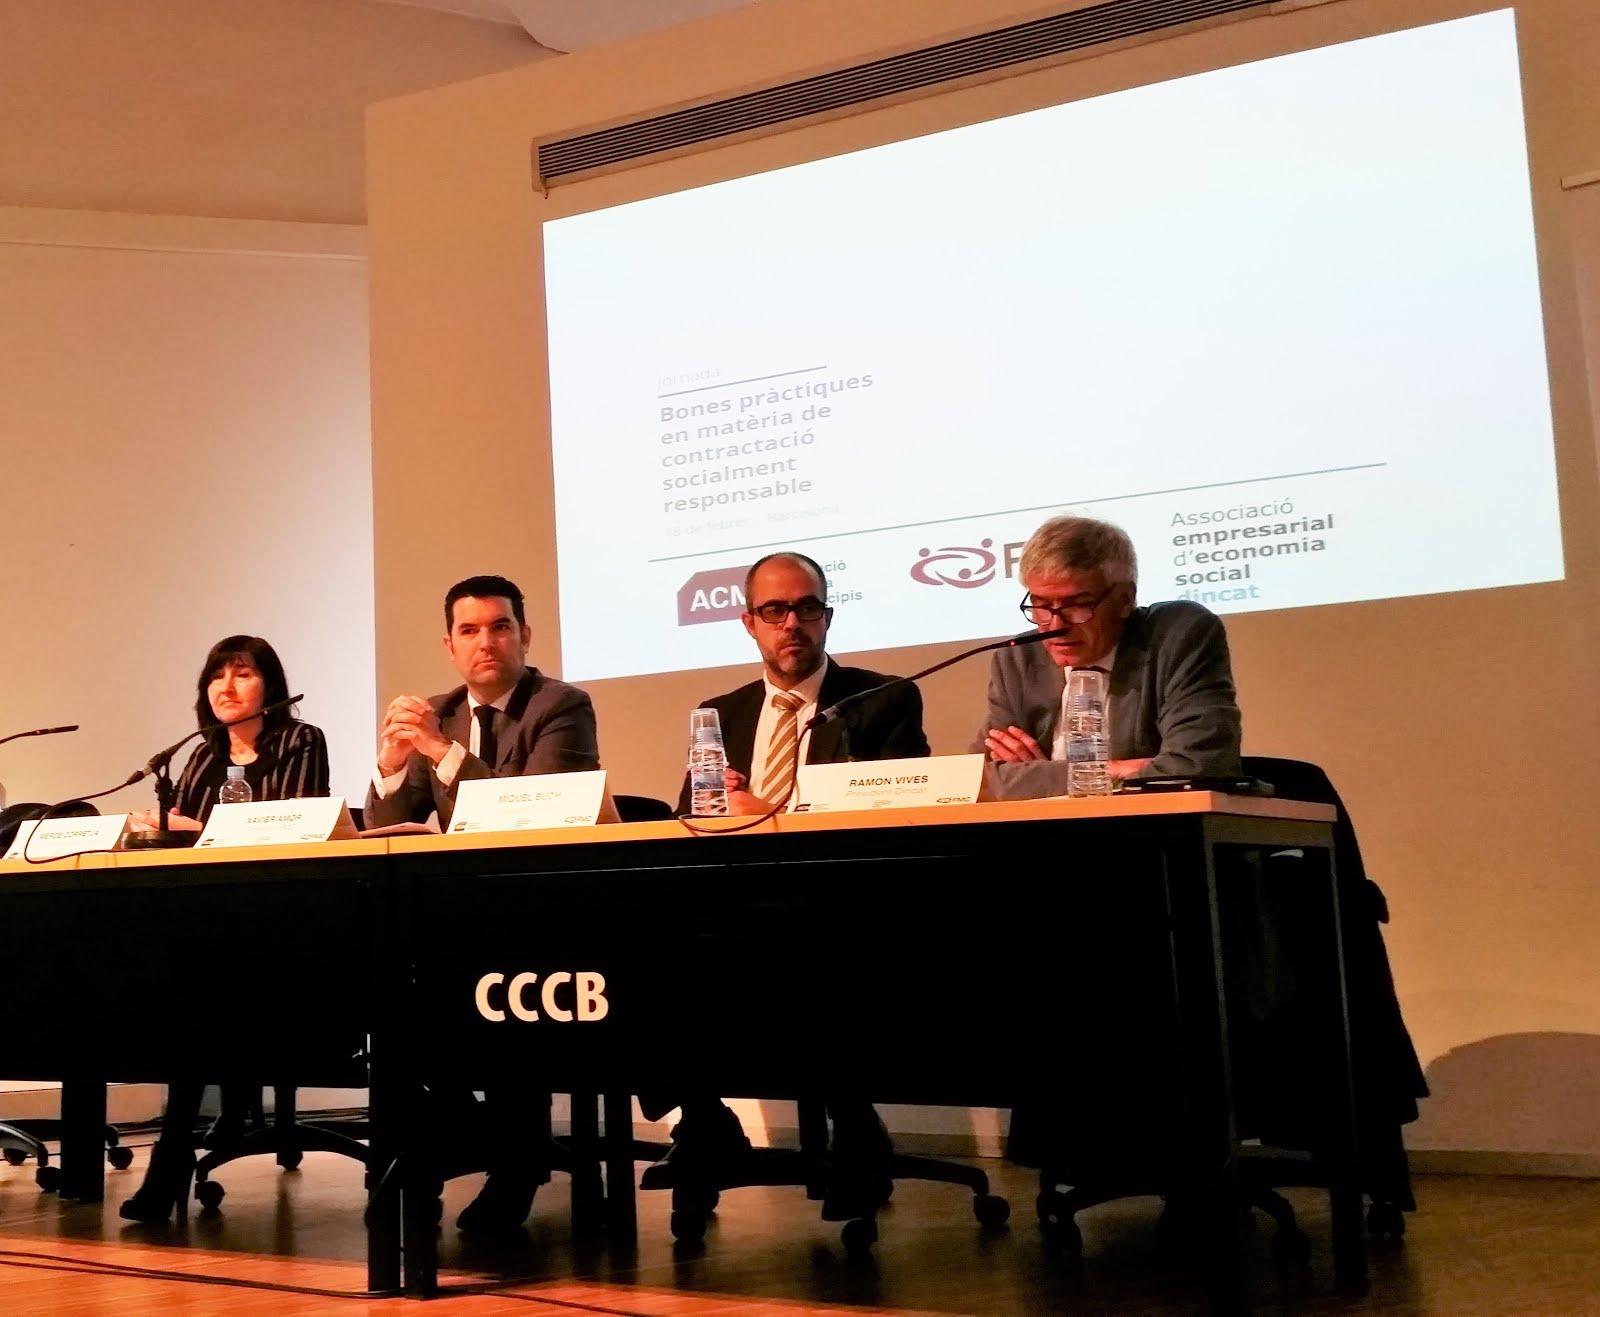 Presentació de la Guia a Barcelona